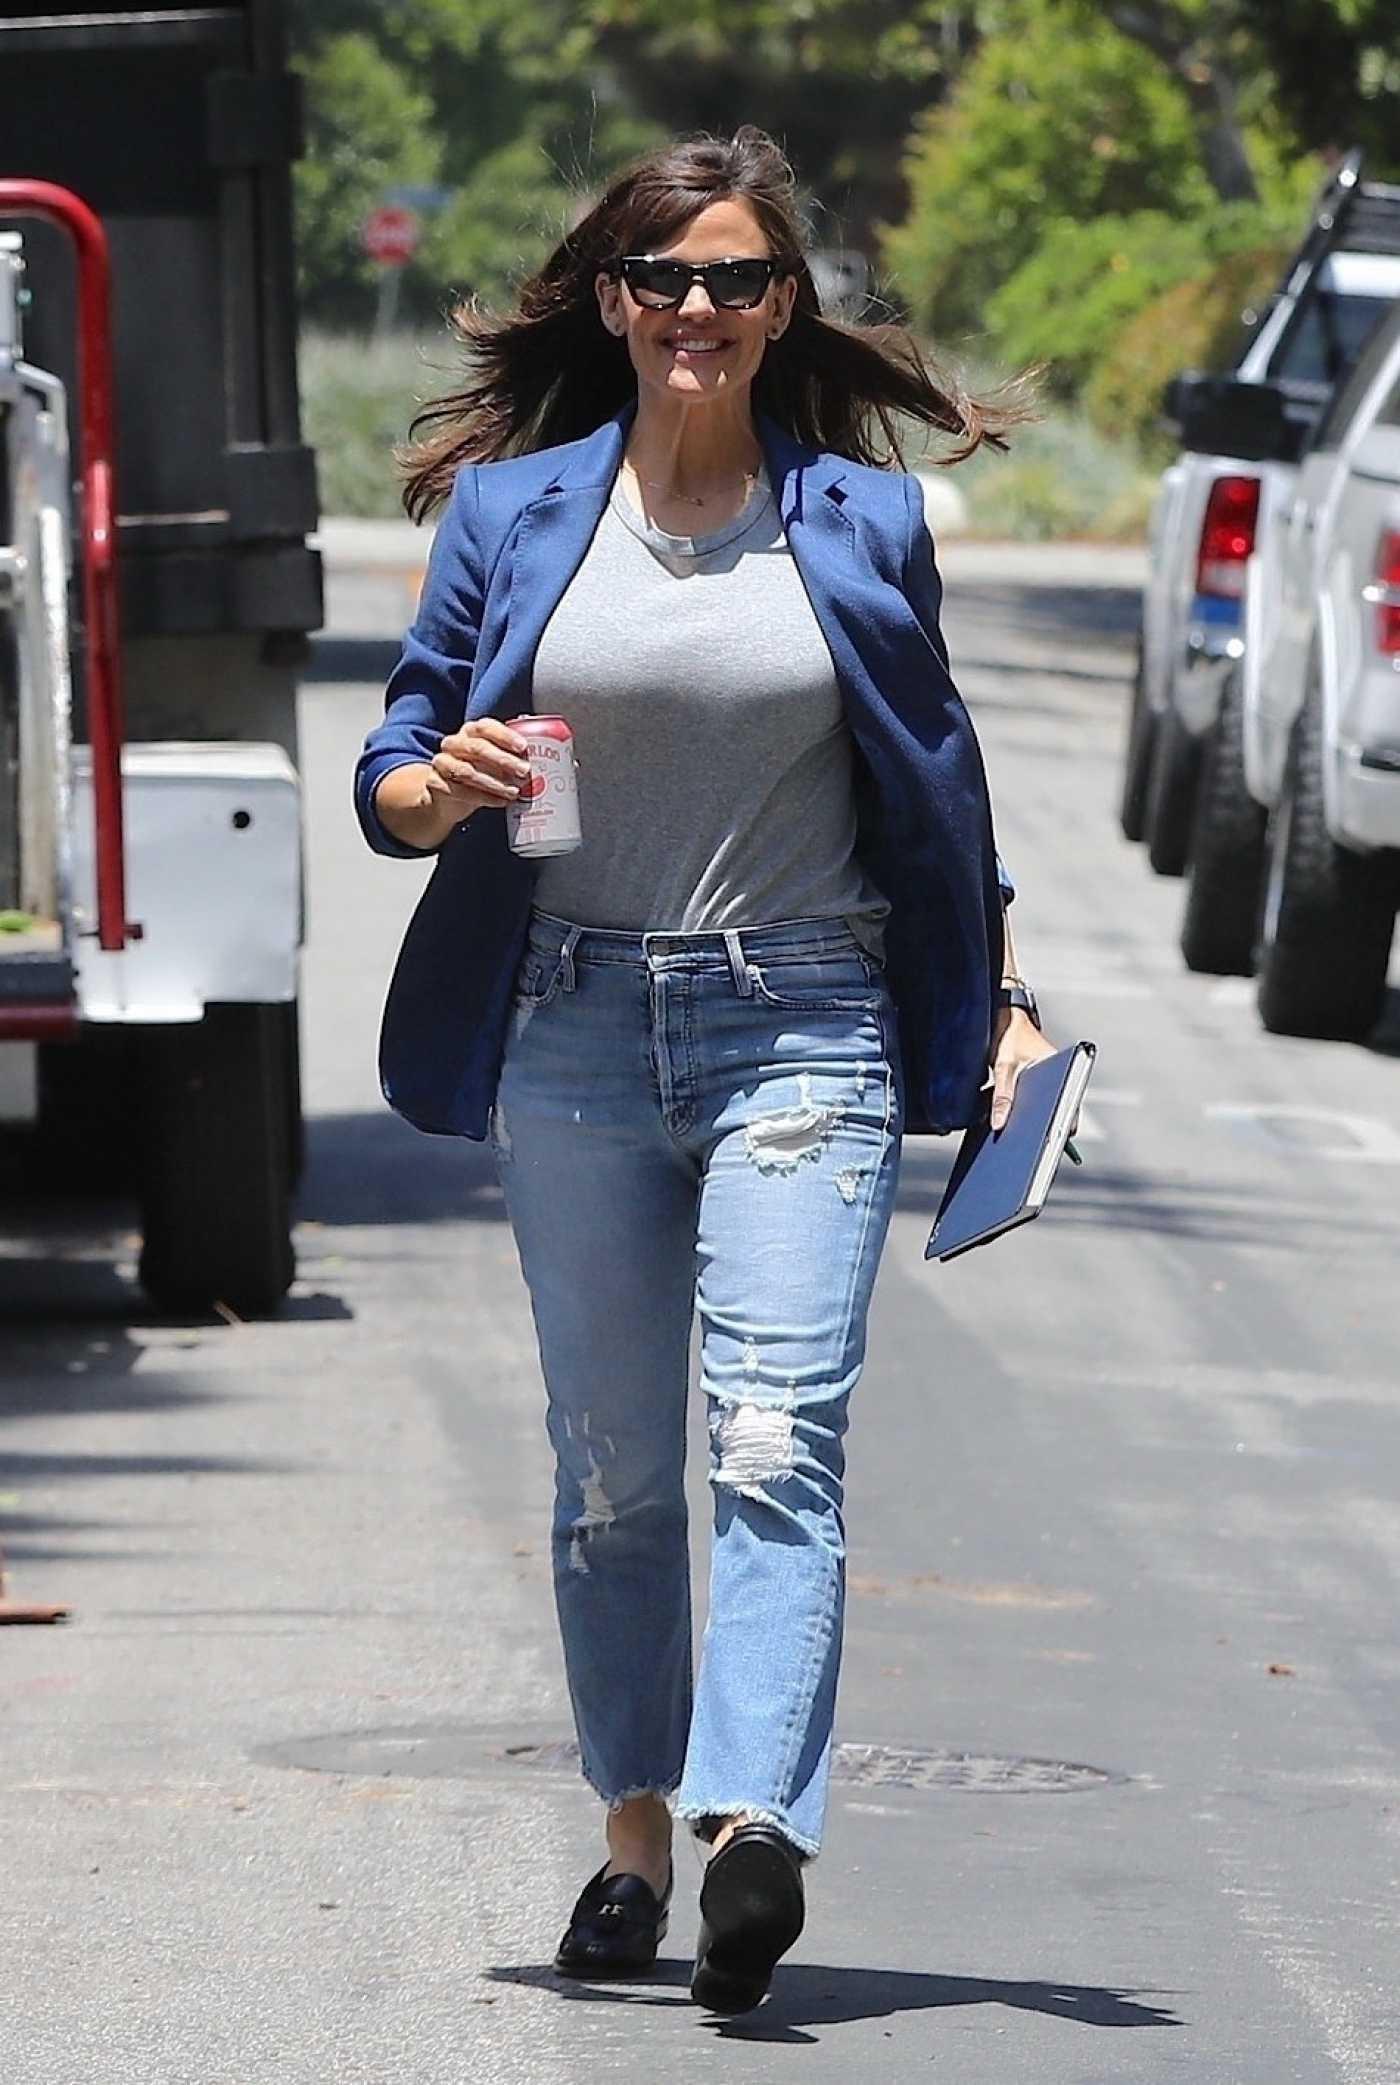 Jennifer Garner in a Blue Blazer Was Seen Out in Brentwood 05/27/2021